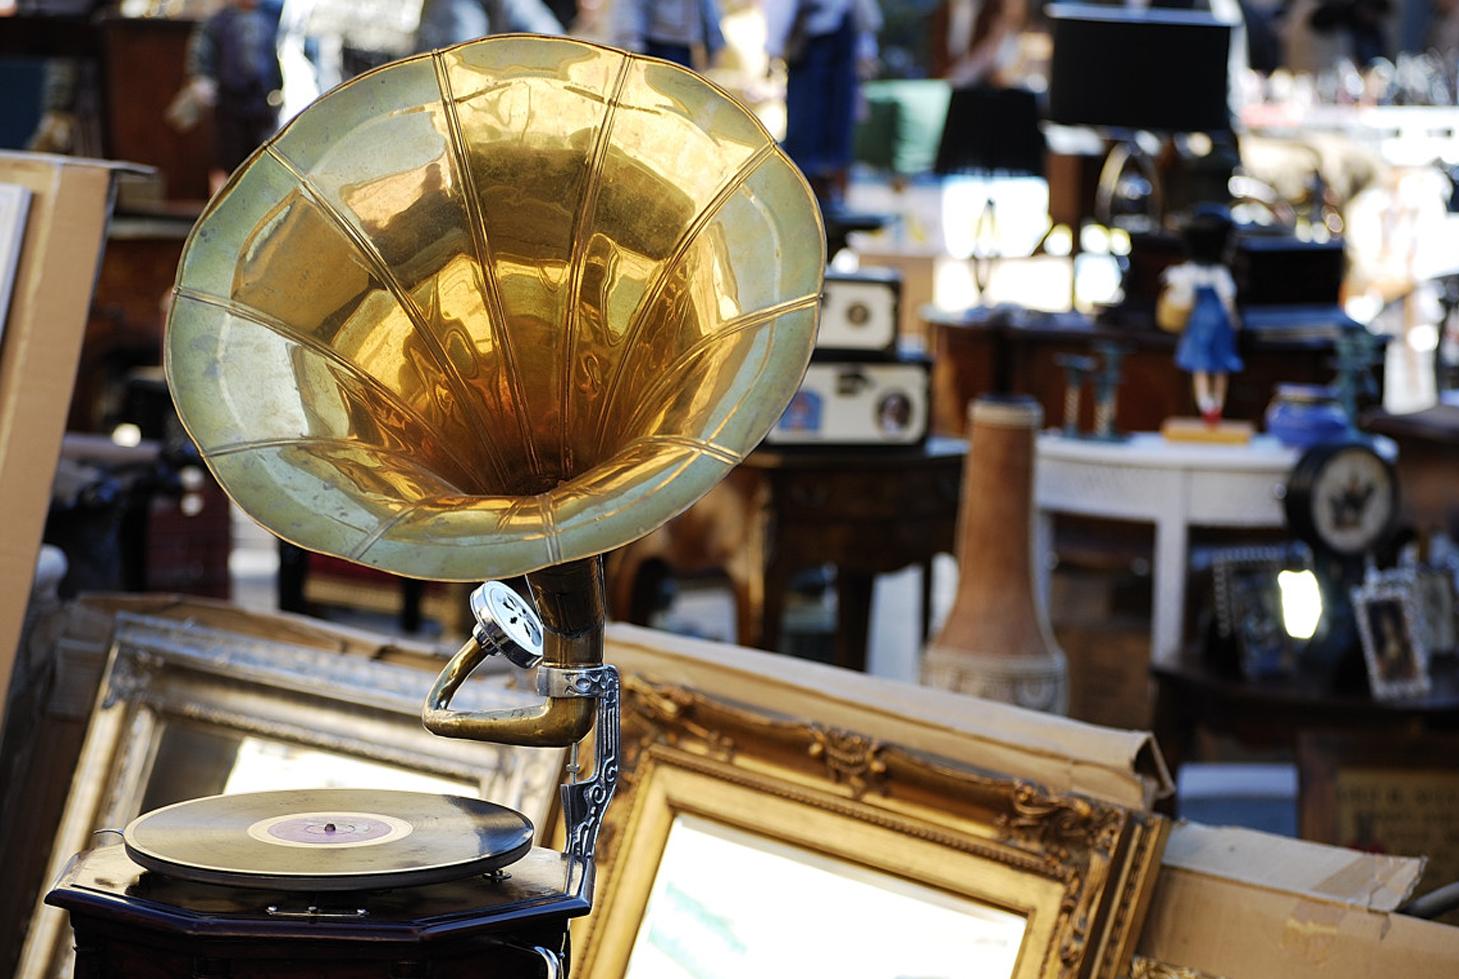 mostra mercati di antiquariato di piazza armando diaz centro storico di milano